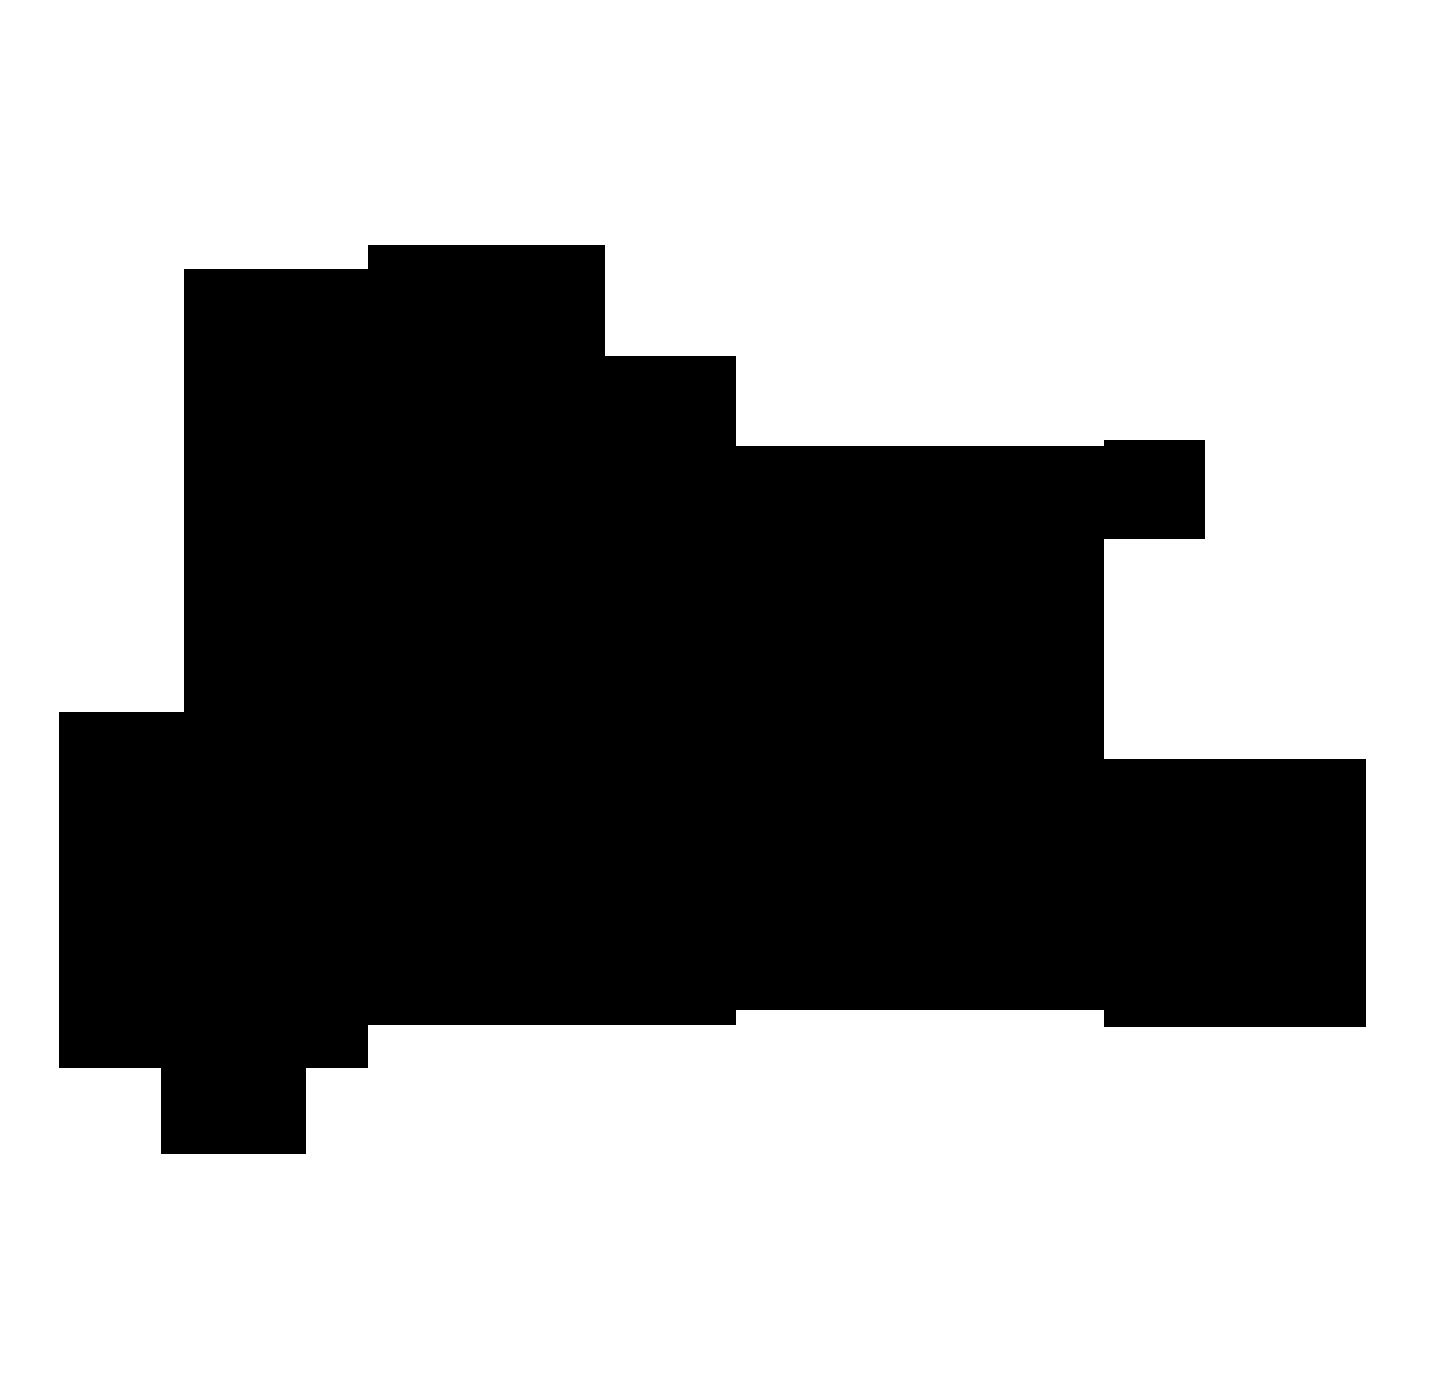 干支 馬(シルエット)のイラスト | かわいいフリー素材が無料の